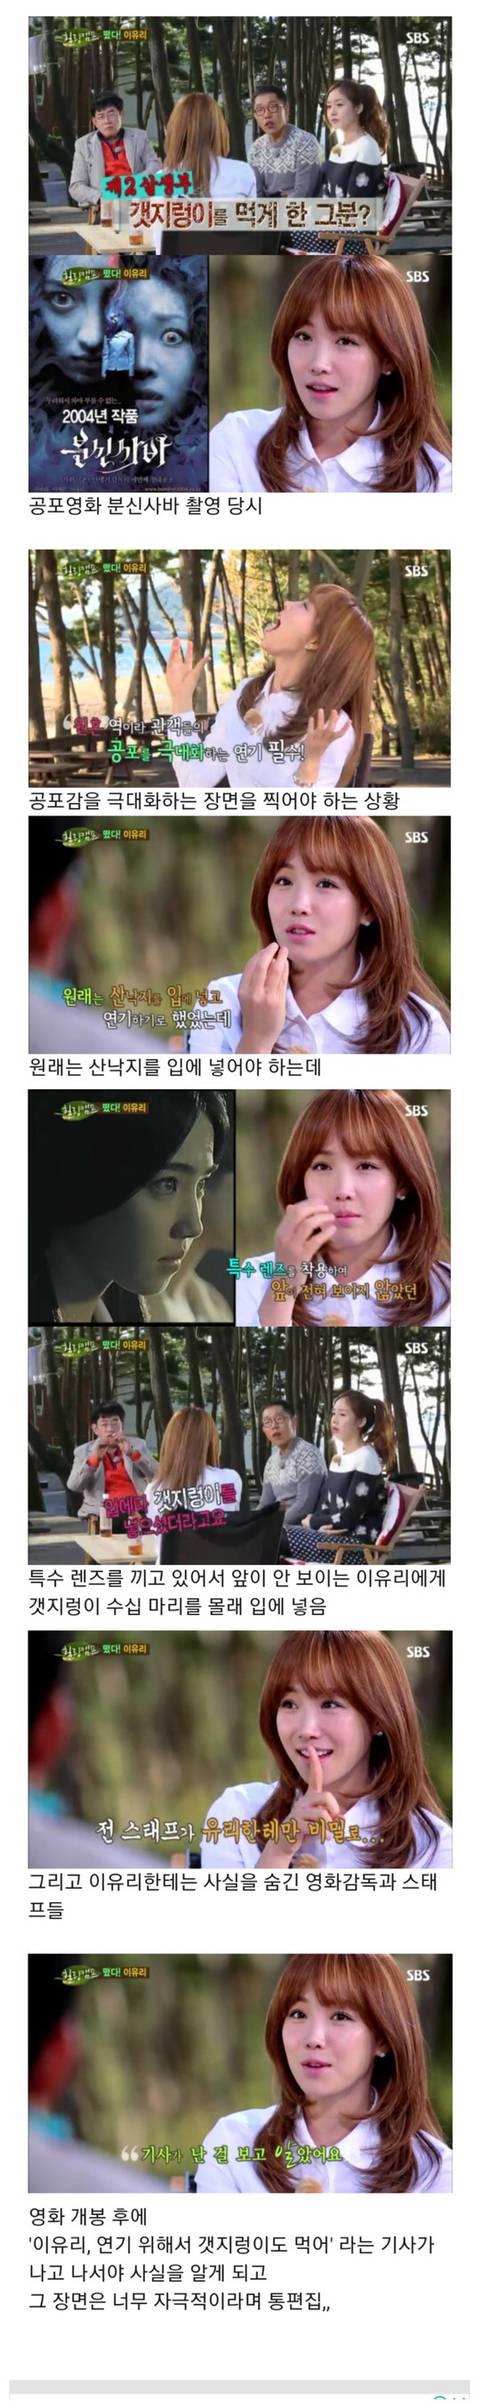 여배우 몰래 갯지렁이 먹인 감독.jpg | 인스티즈